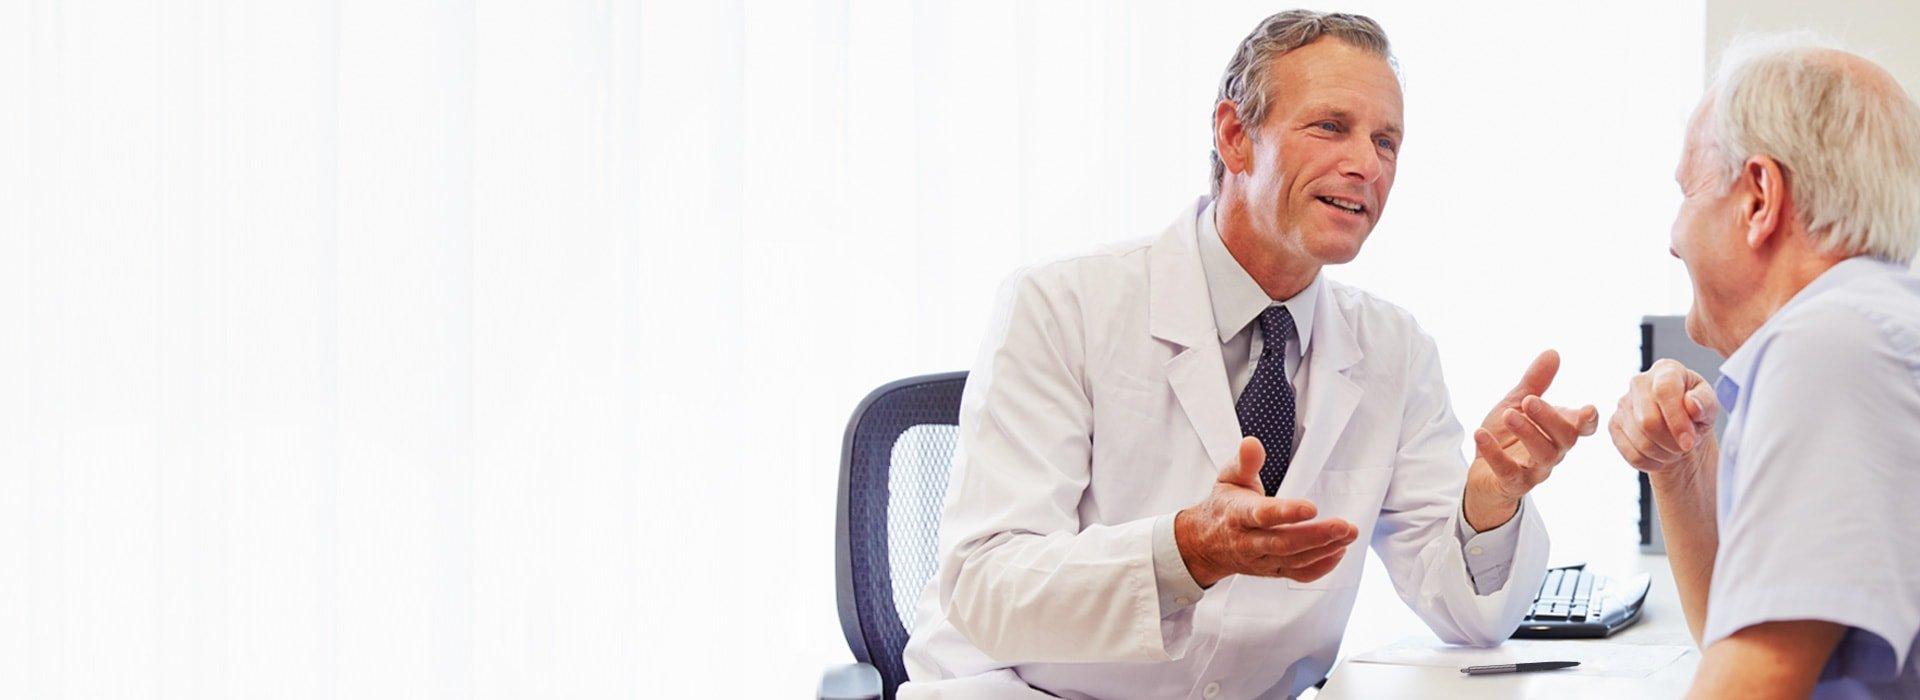 Homme lors d'une consultation avec un audioprothésiste ou un médecin ORL